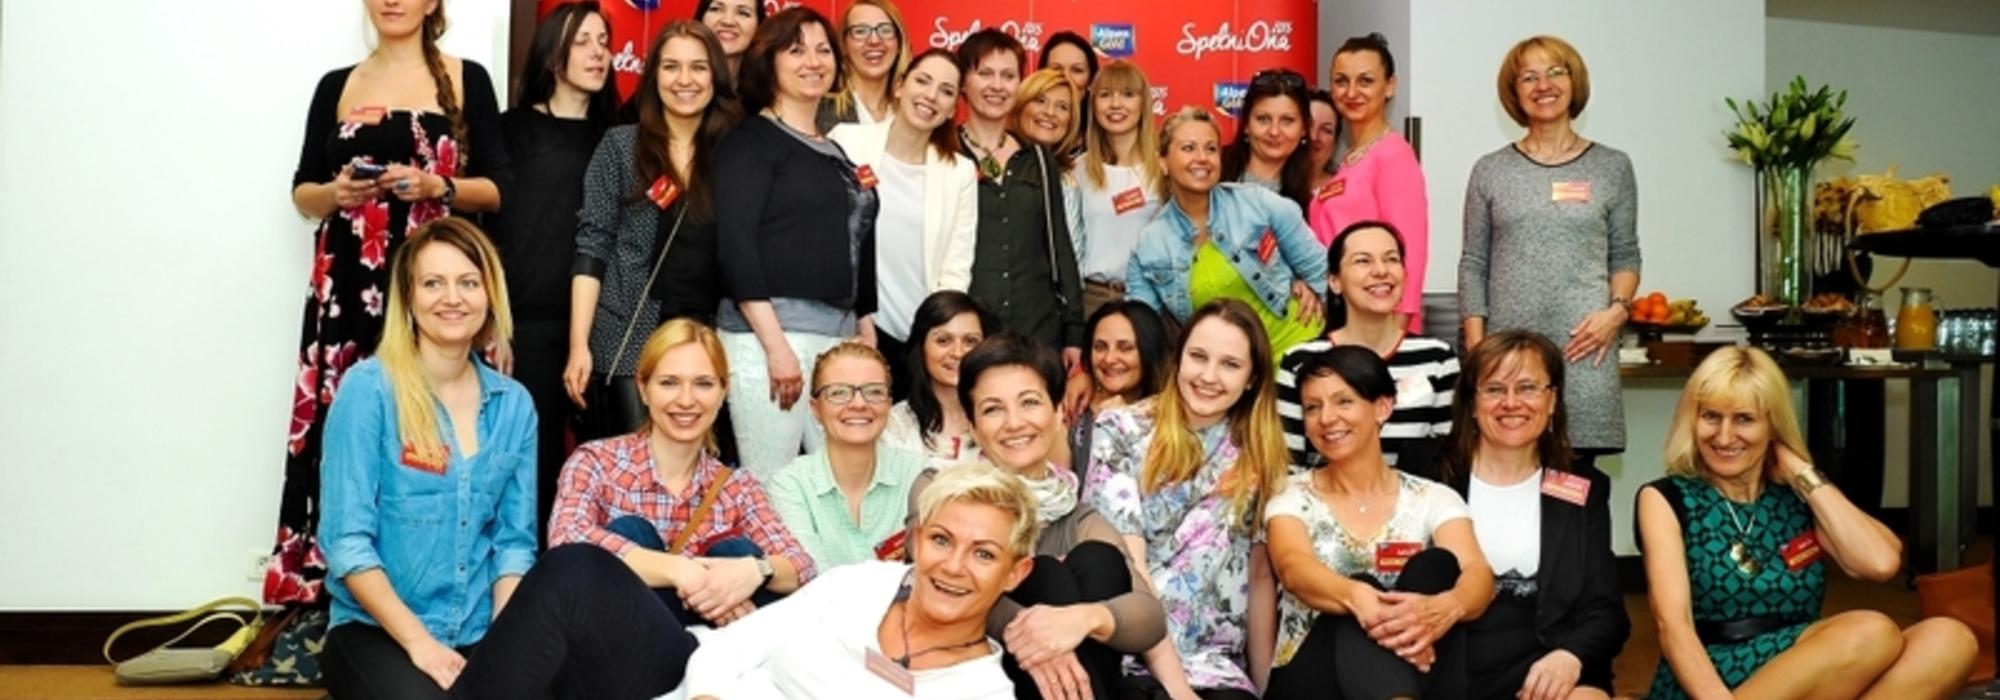 Kobiety mają prawo do szczęścia. Podsumowanie akcji SpełniOna 2015